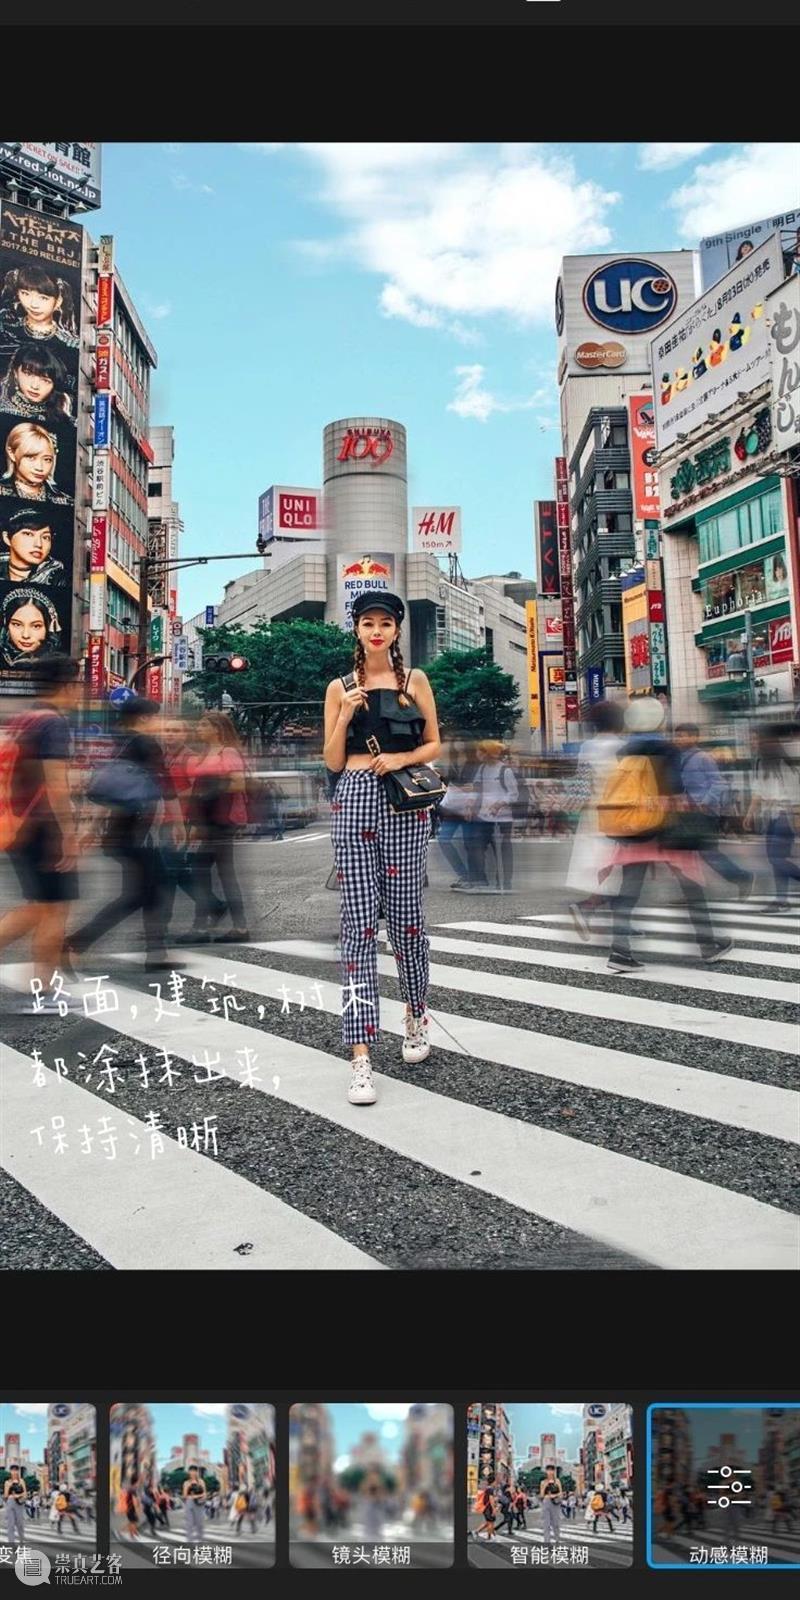 为什么别人的照片都没有路人? 路人 照片 假期 景区 人人 背景 游客 区别 主角 app 崇真艺客